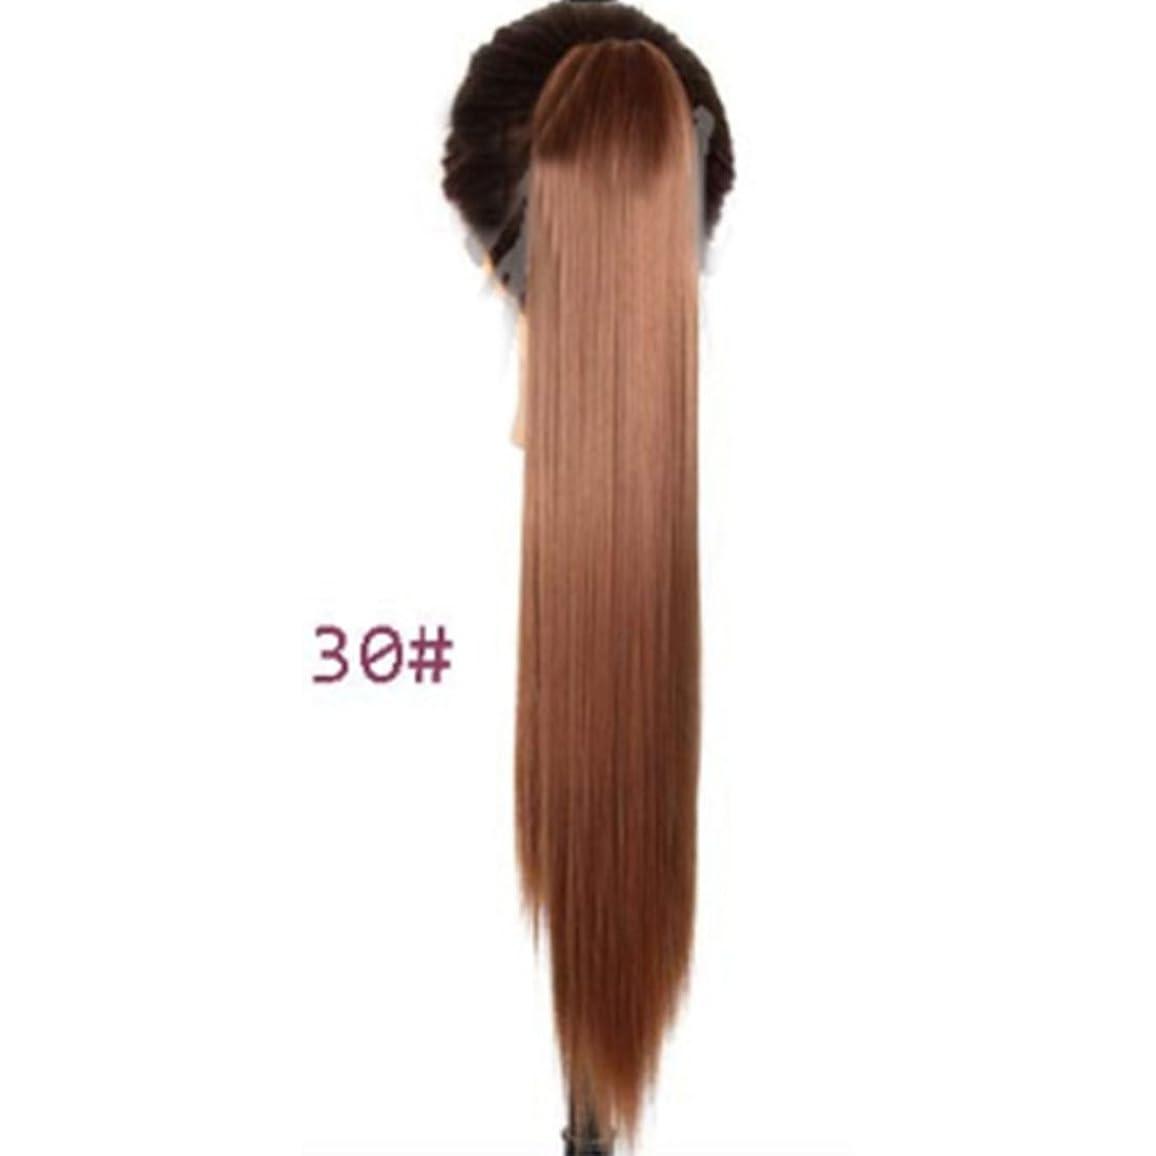 つらい圧倒的体現するJIANFU 女性のための24inch / 150g合成高温ヘアピースの長さストレートポニーテール爪クリップロングストレートヘアエクステンション (Color : 30#)